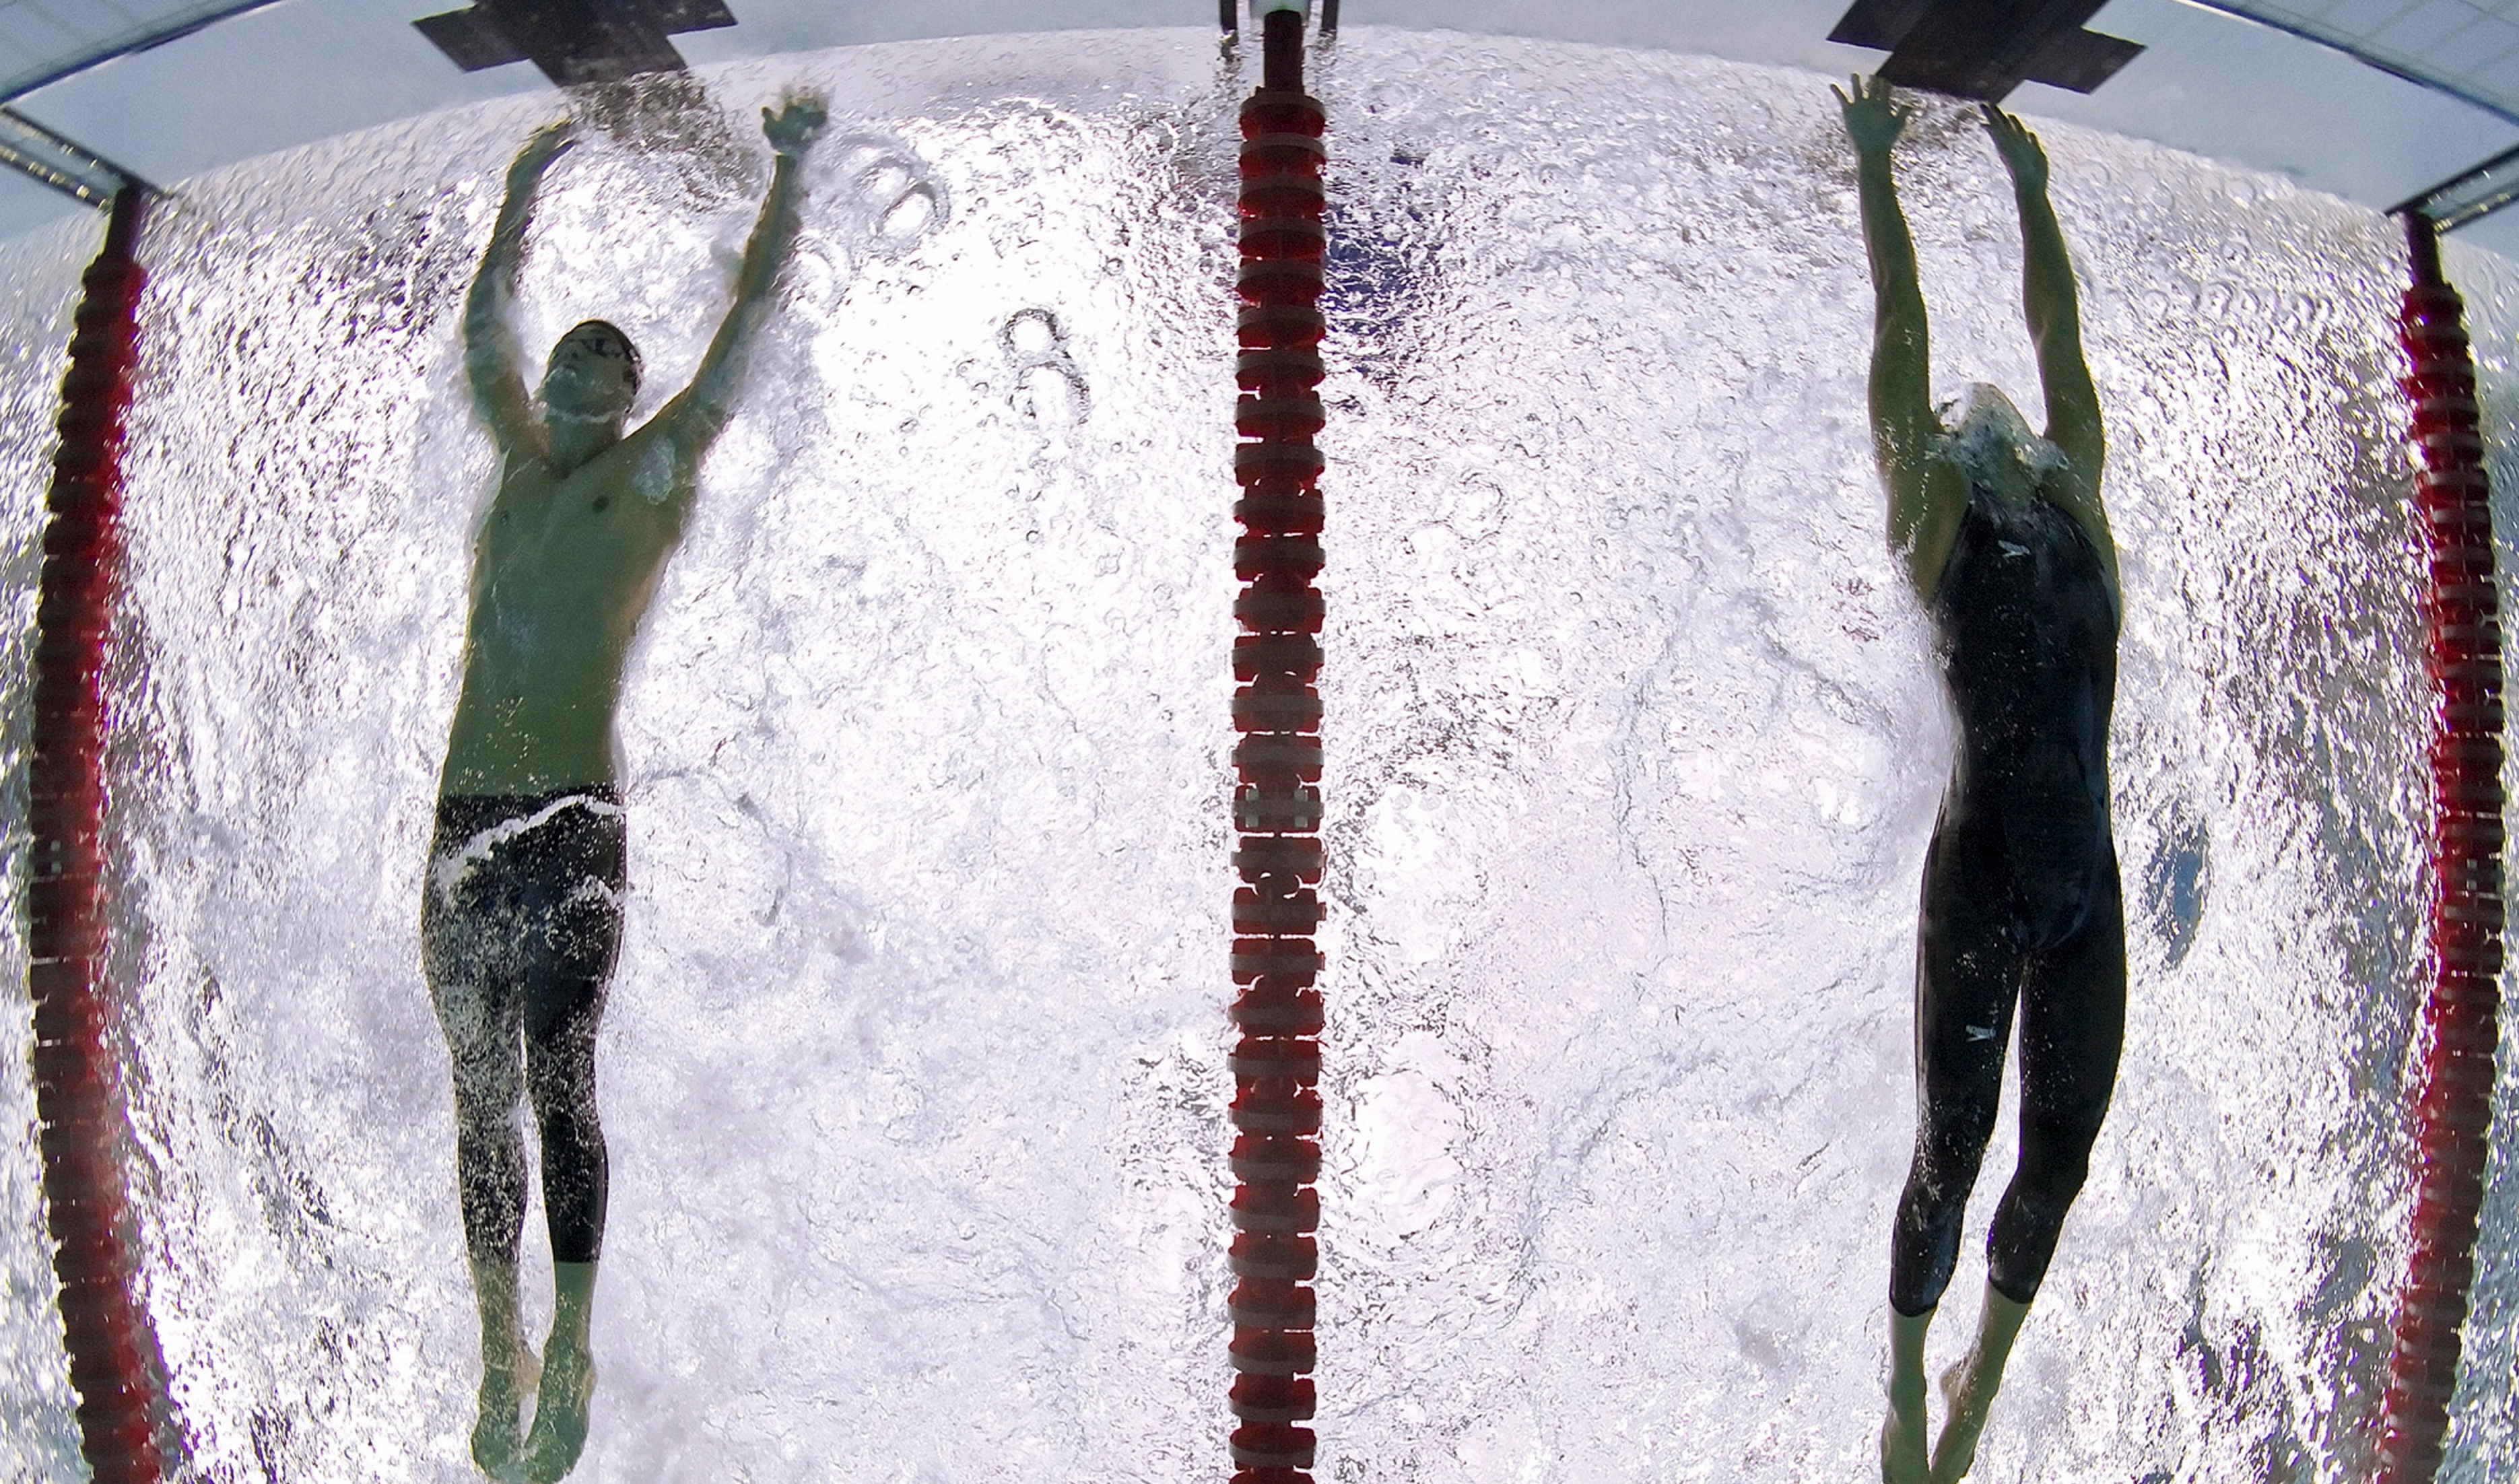 Phelps, Cavic e Woody Allen: la finale dei 100 delfino a Pechino 2008 16